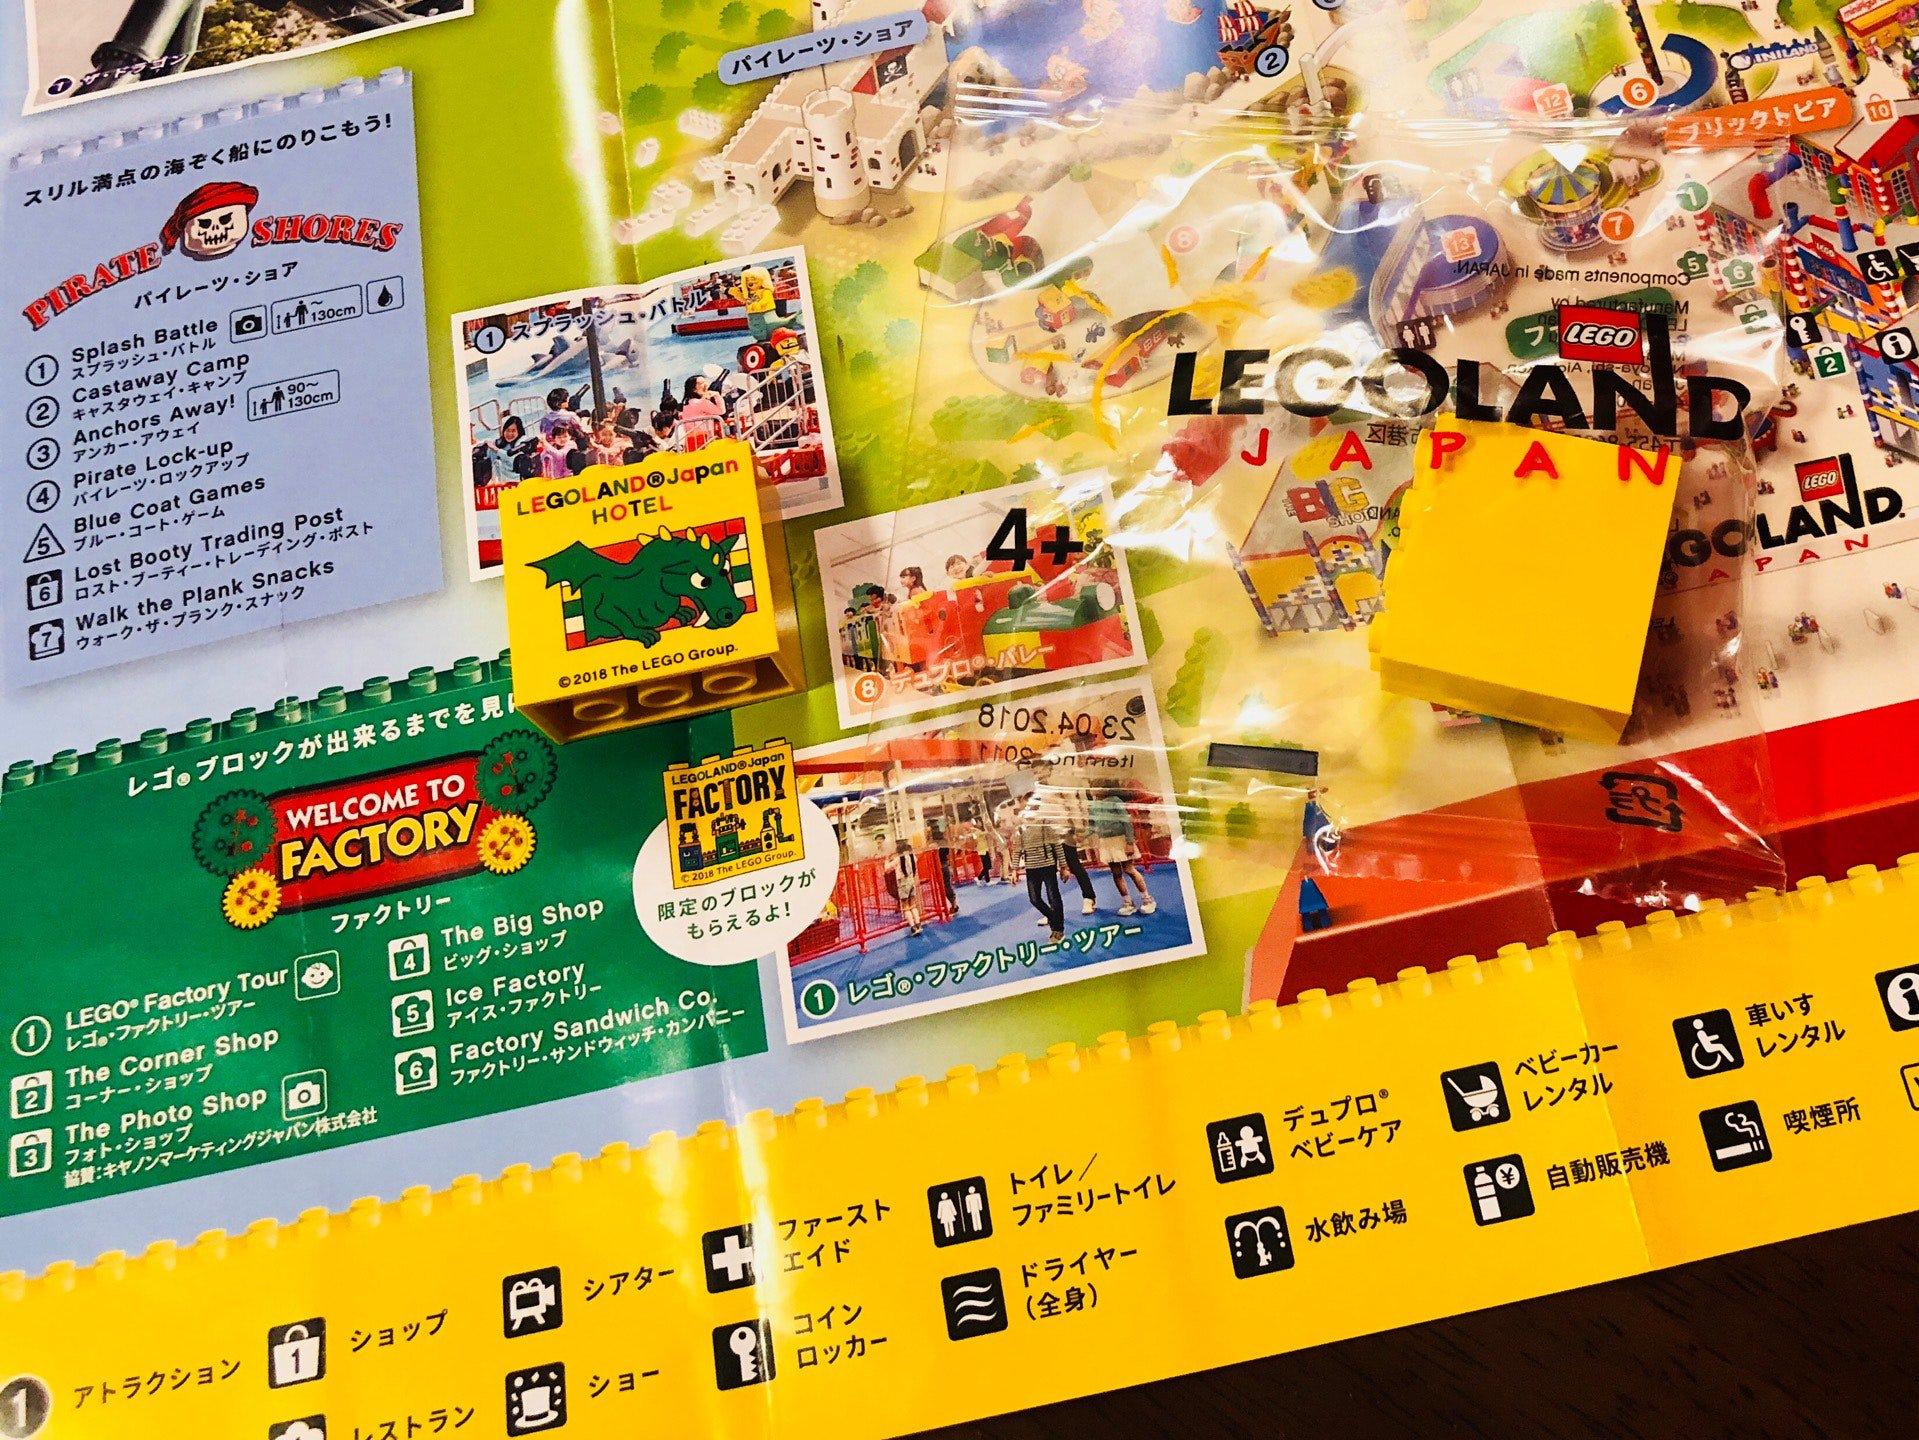 ホテルに泊まると限定らしいブロックがもらえる。レゴ・ファクトリー・ツアーの限定ブロックも欲しいな。 (@ レゴランド・ジャパン・ホテル in 名古屋市港区, 愛知県) https://t.co/auRttfh7Jv https://t.co/12PULK4Tj9